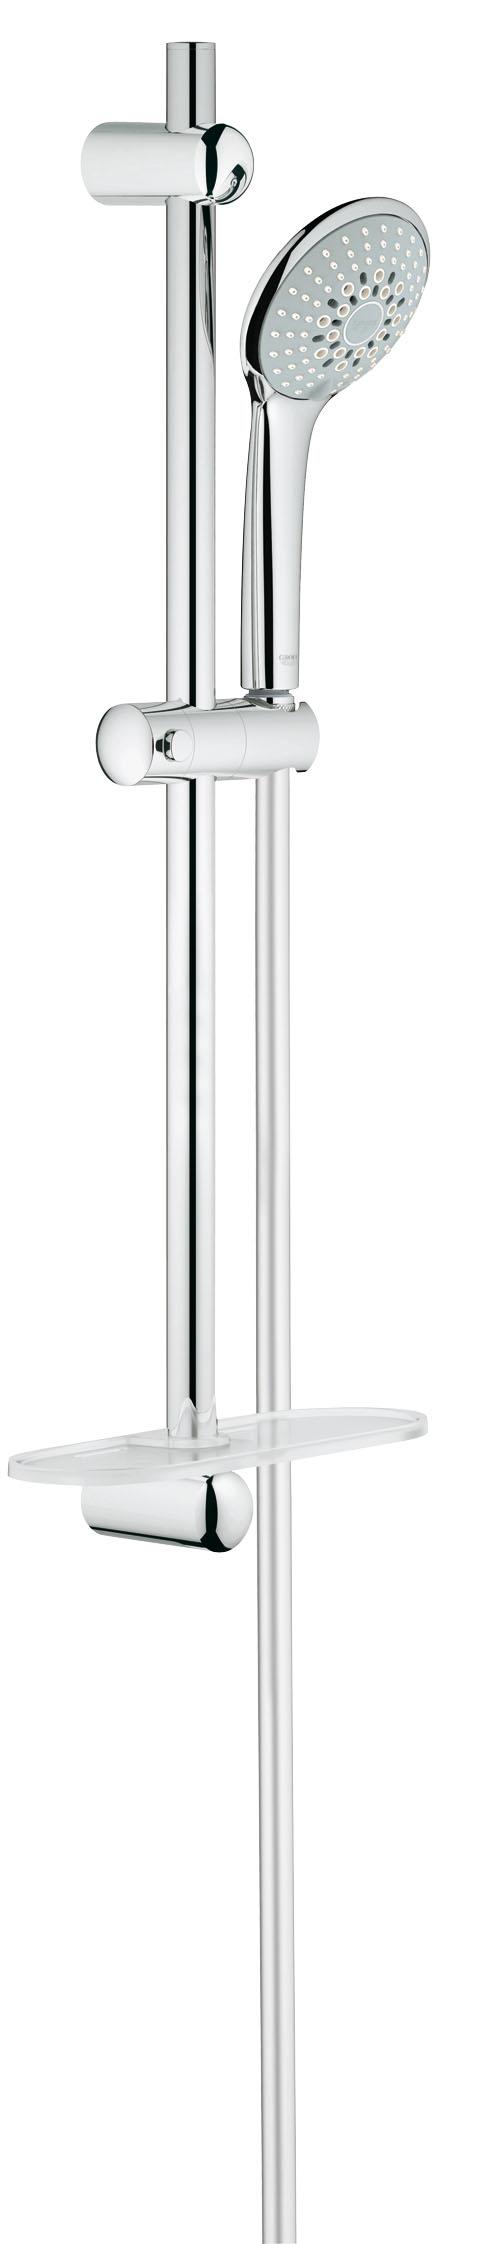 Душевой комплект GROHE Euphoria, штанга 600мм. (27232001)27232001GROHE Euphoria 110 Champagne: стильный душевой гарнитур со штангой для роскошных душевых процедур В дополнение к режимам Rain и SmartRain, данный ручной душ из серии GROHE Euphoria также оснащен роскошным режимом струи Champagne, в котором воздух затягивается в душевую головку и смешивается с водой. При этом создается чрезвычайно расслабляющий и нежный поток воды, окутывающий Вас с головы до ног. Данный ручной душ комплектуется душевой штангой длиной 600 мм, а также запатентованной системой крепления QuickFix, которая позволяет быстро и легко осуществить монтаж, используя имеющиеся отверстия в стене или просверлив новые в межплиточных швах. Благодаря входящему в комплект шлангу TwistFree распутывание перекрученных душевых шлангов останется для Вас в прошлом. Износостойкое покрытие GROHE StarLight чрезвычайно неприхотливо в уходе. В комплект входит еще один удобный аксессуар – полочка GROHE EasyReach, с которой шампунь и гель для душа всегда будут под рукой. Особенности: Включает в себя:Ручной душ Champagne (27 222 000)Душевая штанга, 600 мм (27 499 000)GROHE QuickFix (регулируемое расстояние между настенными креплениями штанги позволяет использовать для монтажа уже имеющиеся отверстия в стене)Душевой шланг 1750 мм (28 388 000)Полочка GROHE EasyReach™(27 596 000)GROHE DreamSpray превосходный поток водыGROHE SprayDimmerGROHE StarLight хромированная поверхность С системой SpeedClean против известковых отложенийВнутренний охлаждающий канал для продолжительного срока службыTwistfree против перекручивания шлангаВидео по установке является исключительно информационным. Установка должна проводиться профессионалами!